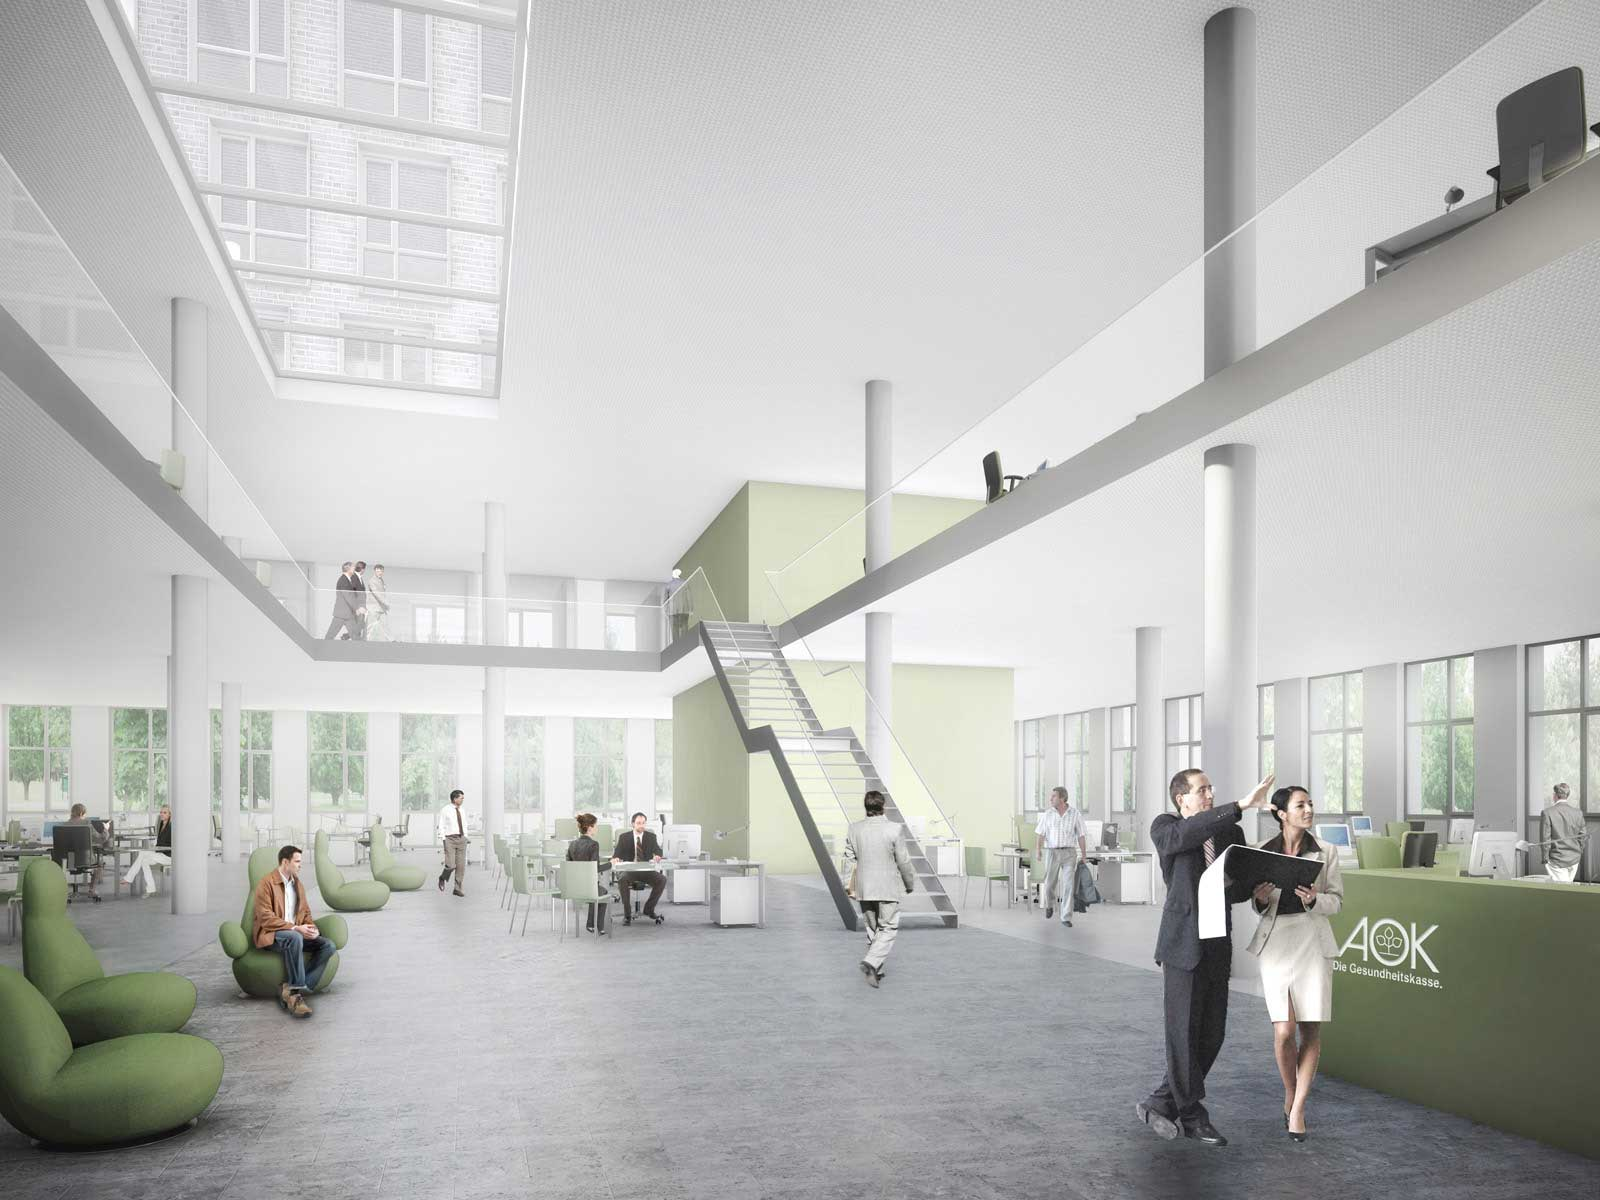 Wöhr Mieslinger Architekten, Stuttgart